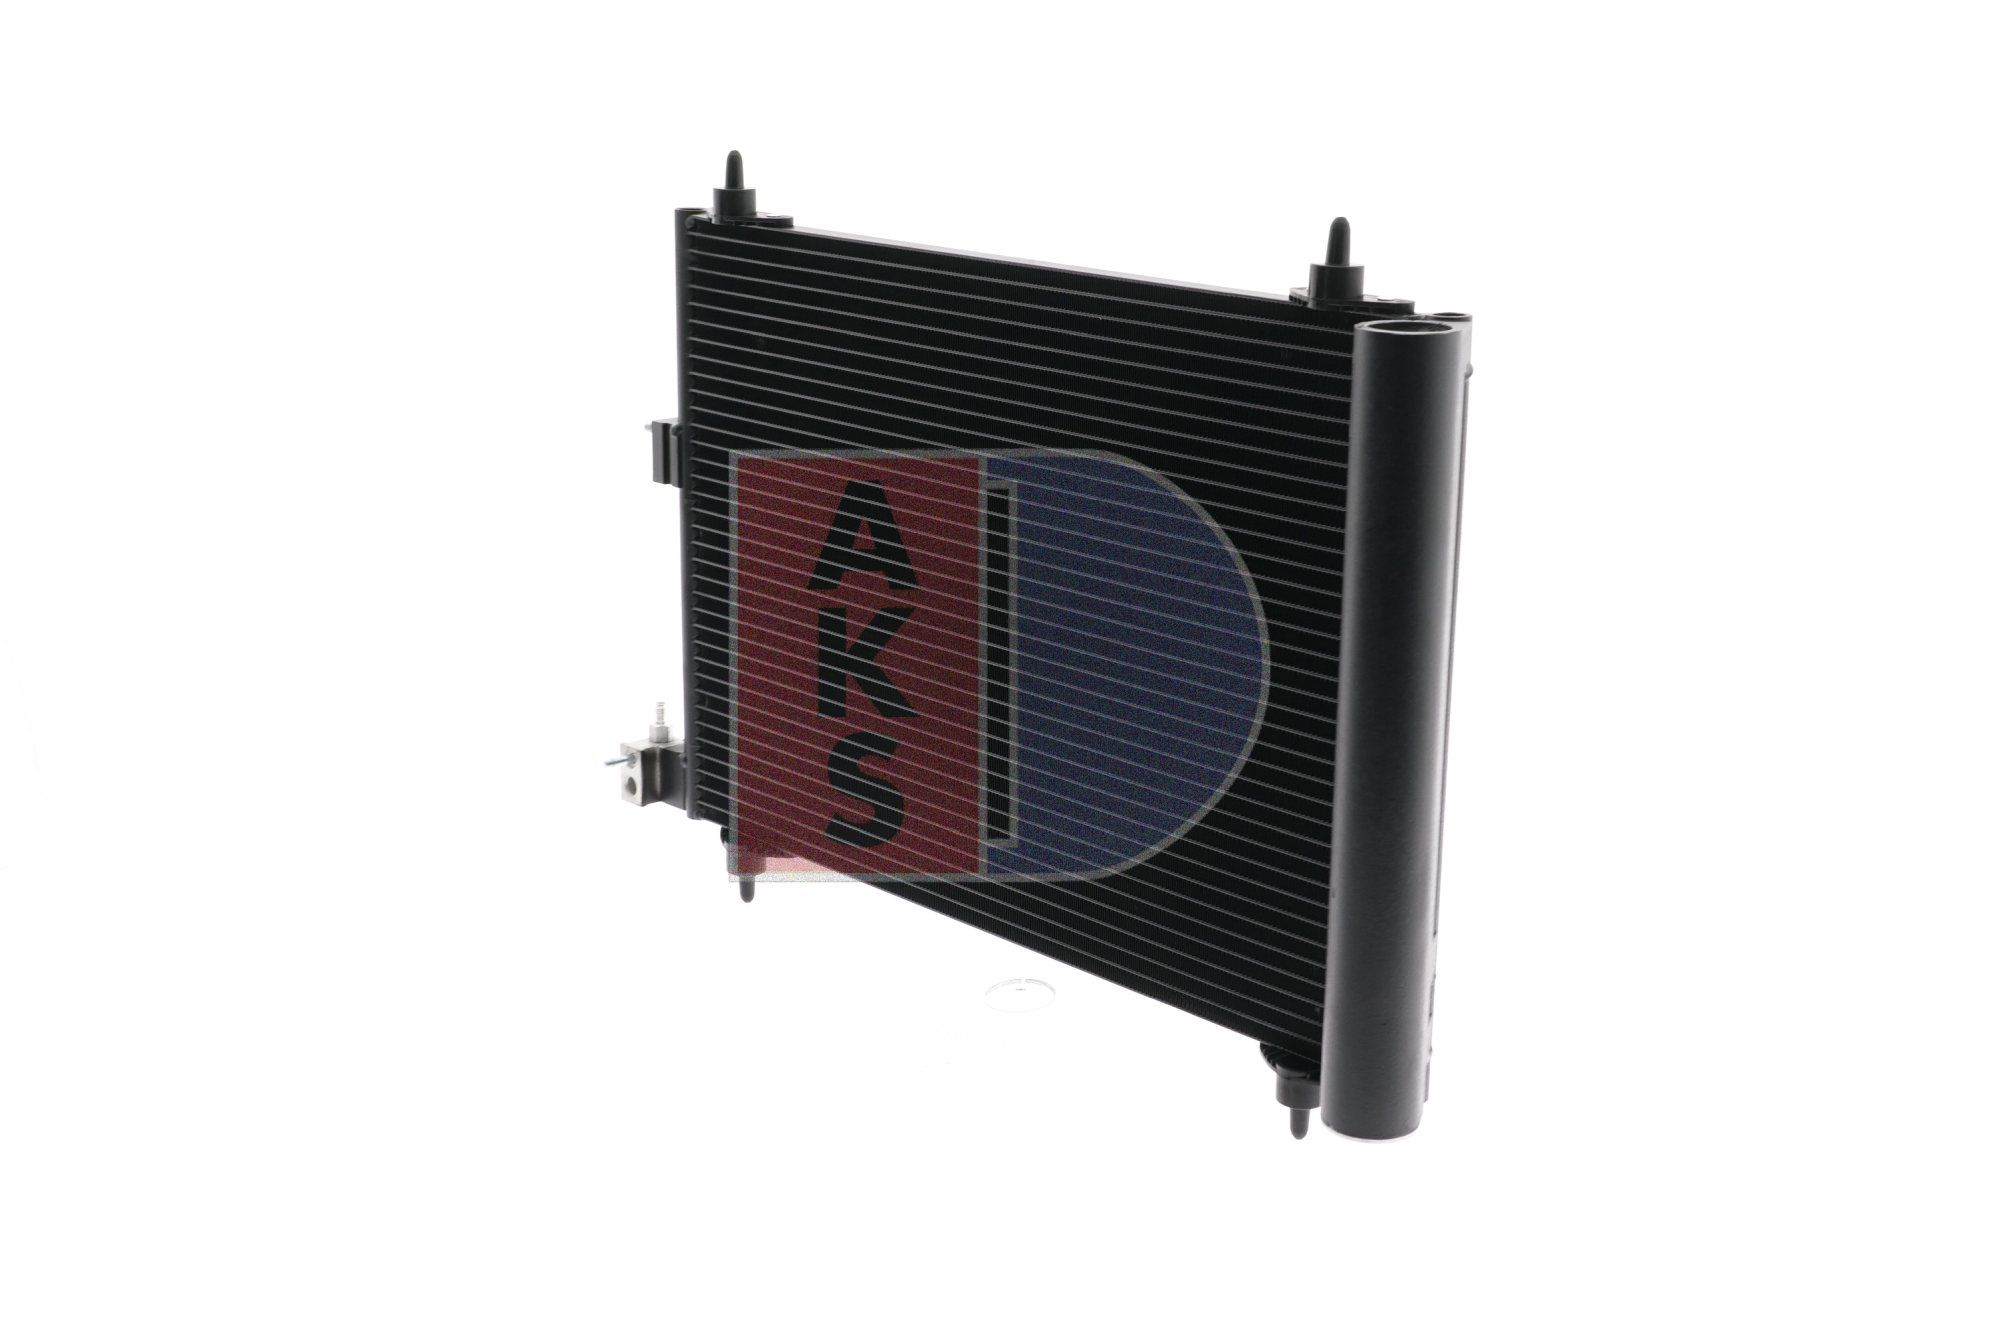 Kondensator Klimaanlage AKS DASIS 162340N Erfahrung